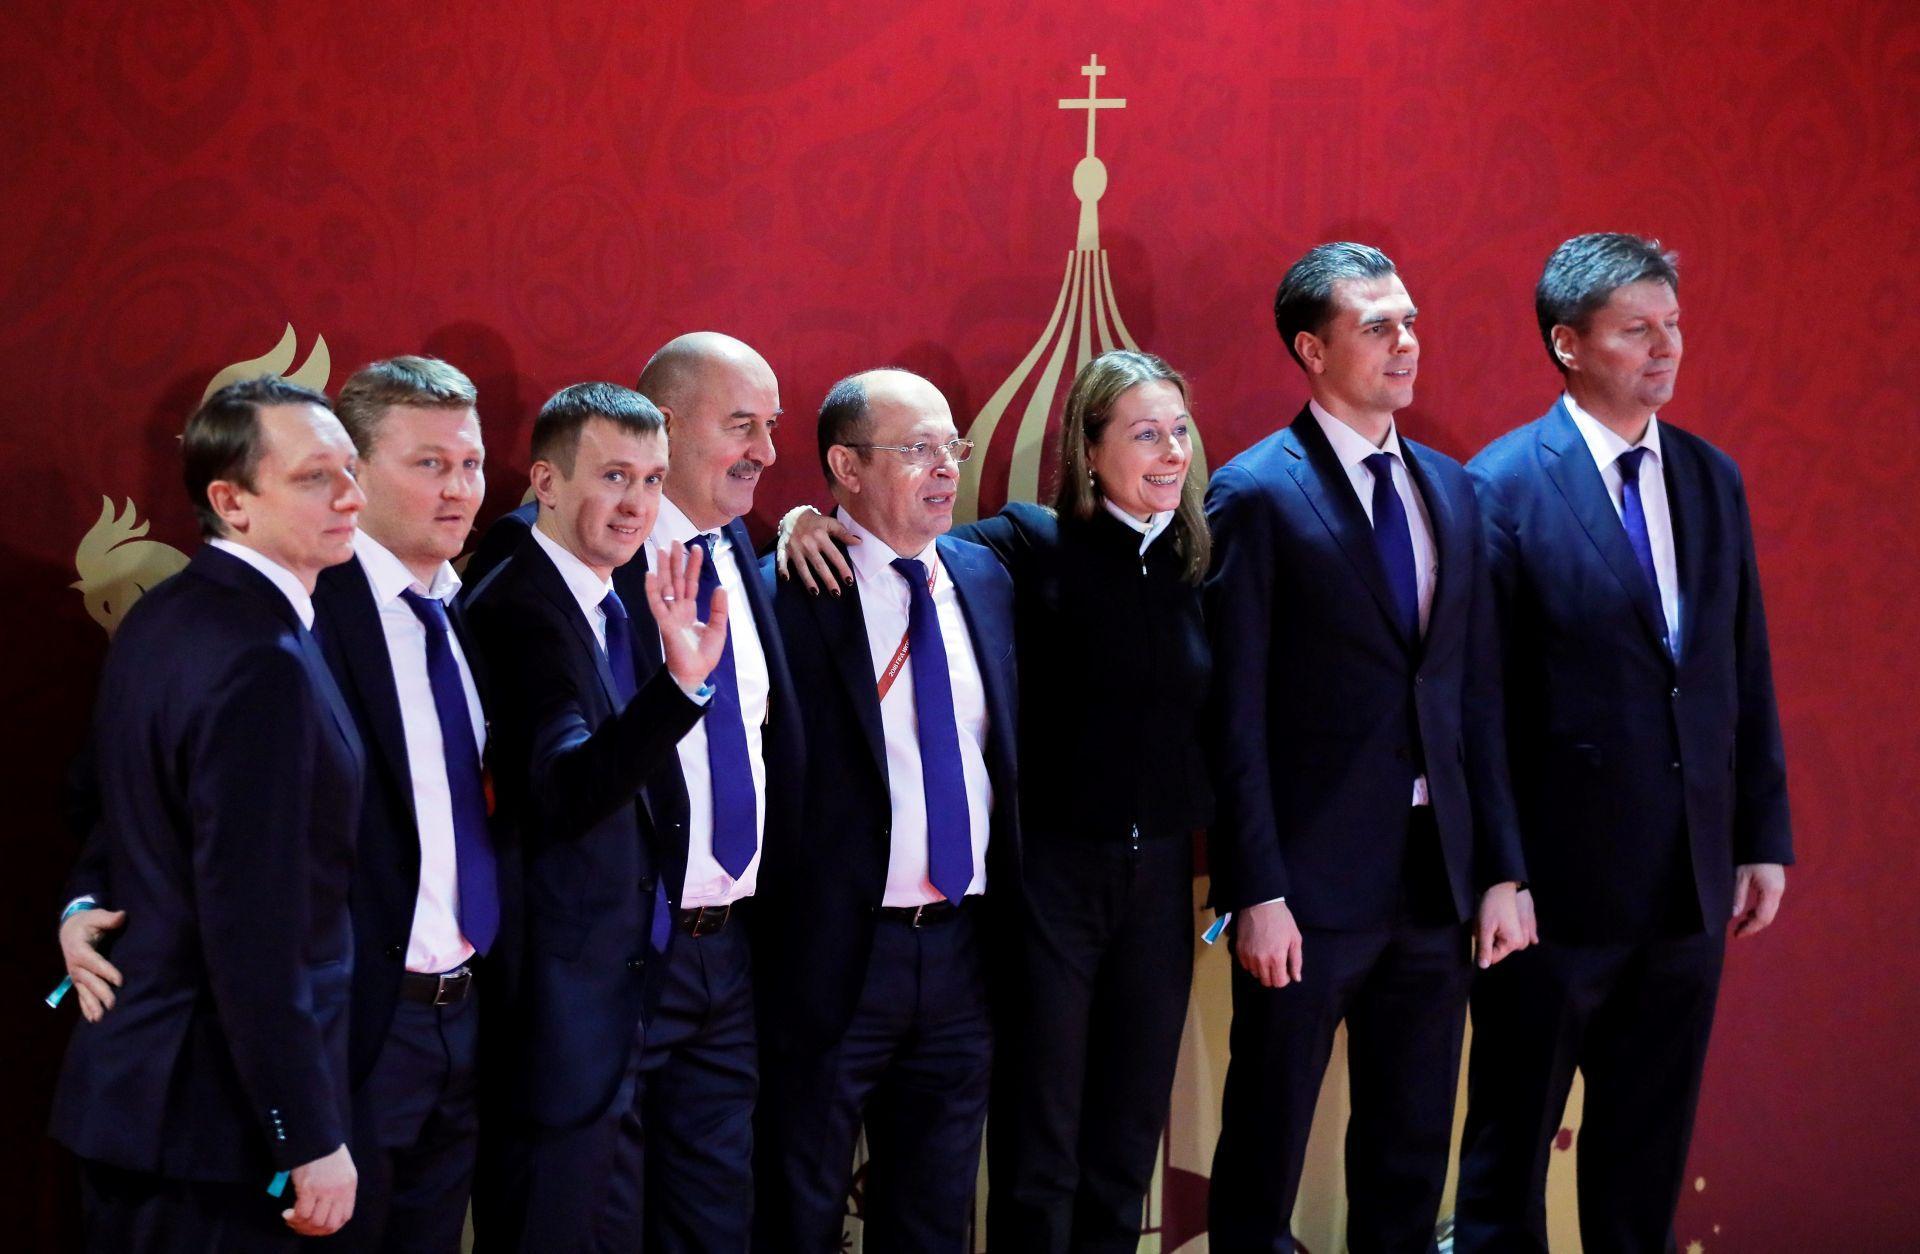 El entrenador de la selección de Rusia, Stanislav Cherchesov (4-i), posa con miembros de la delegación rusa a su llegada al sorteo para el Mundial de Rusia 2018, en Moscú.